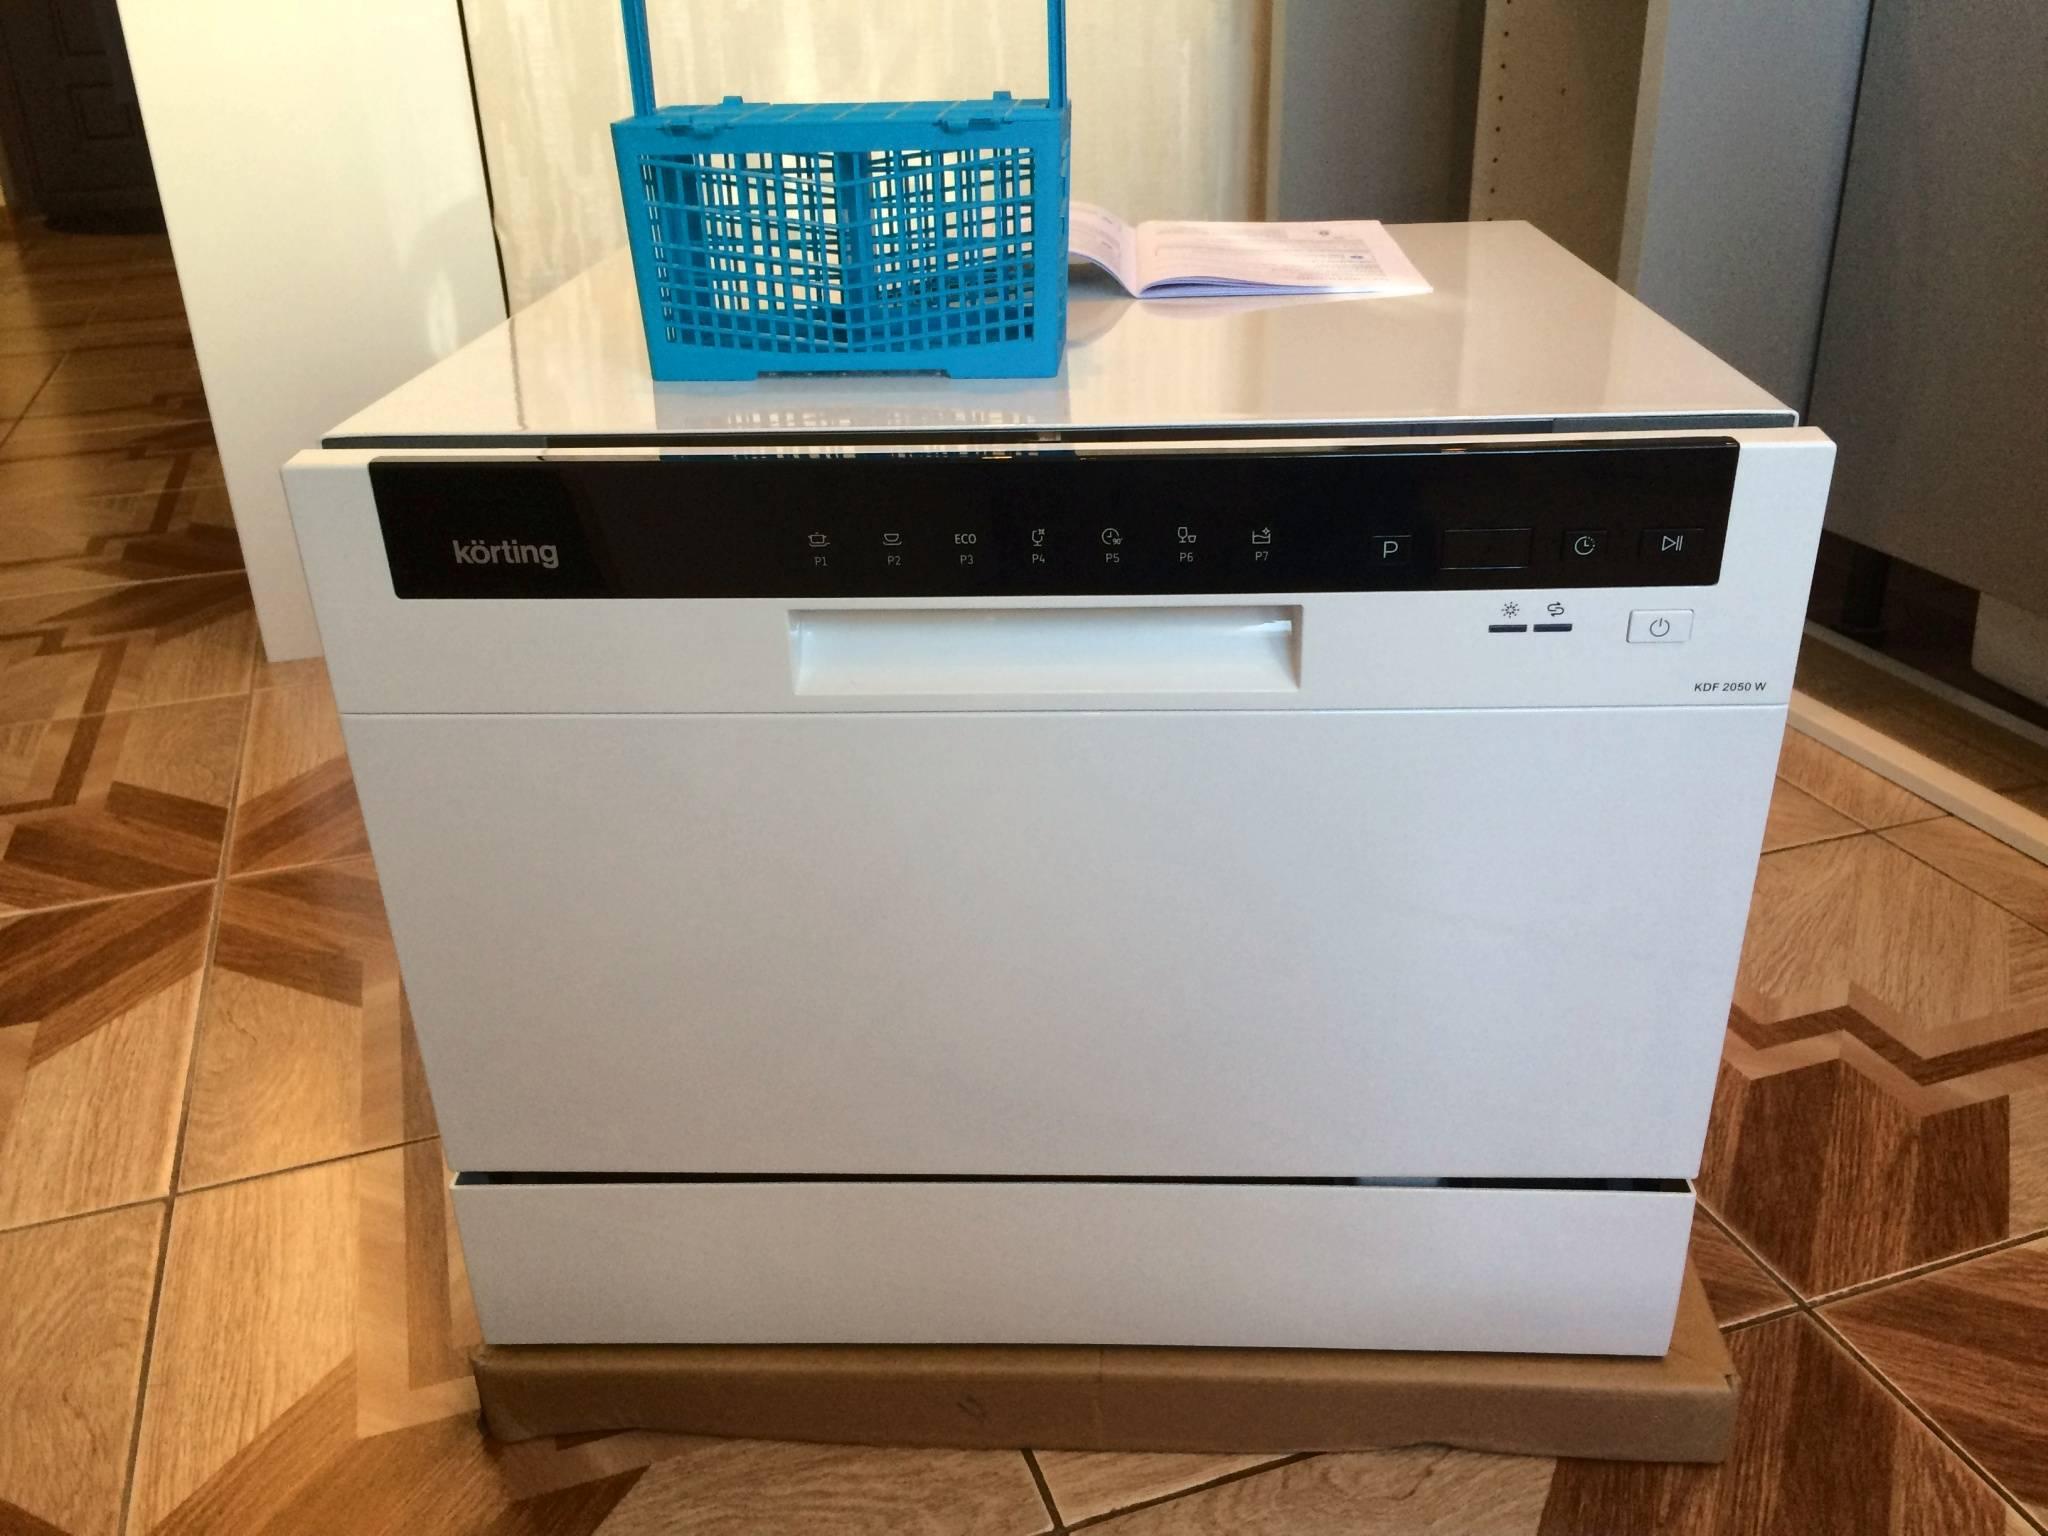 Korting kdf 2050 w. посудомоечная машина korting kdf 2050 w – инструкция по применению